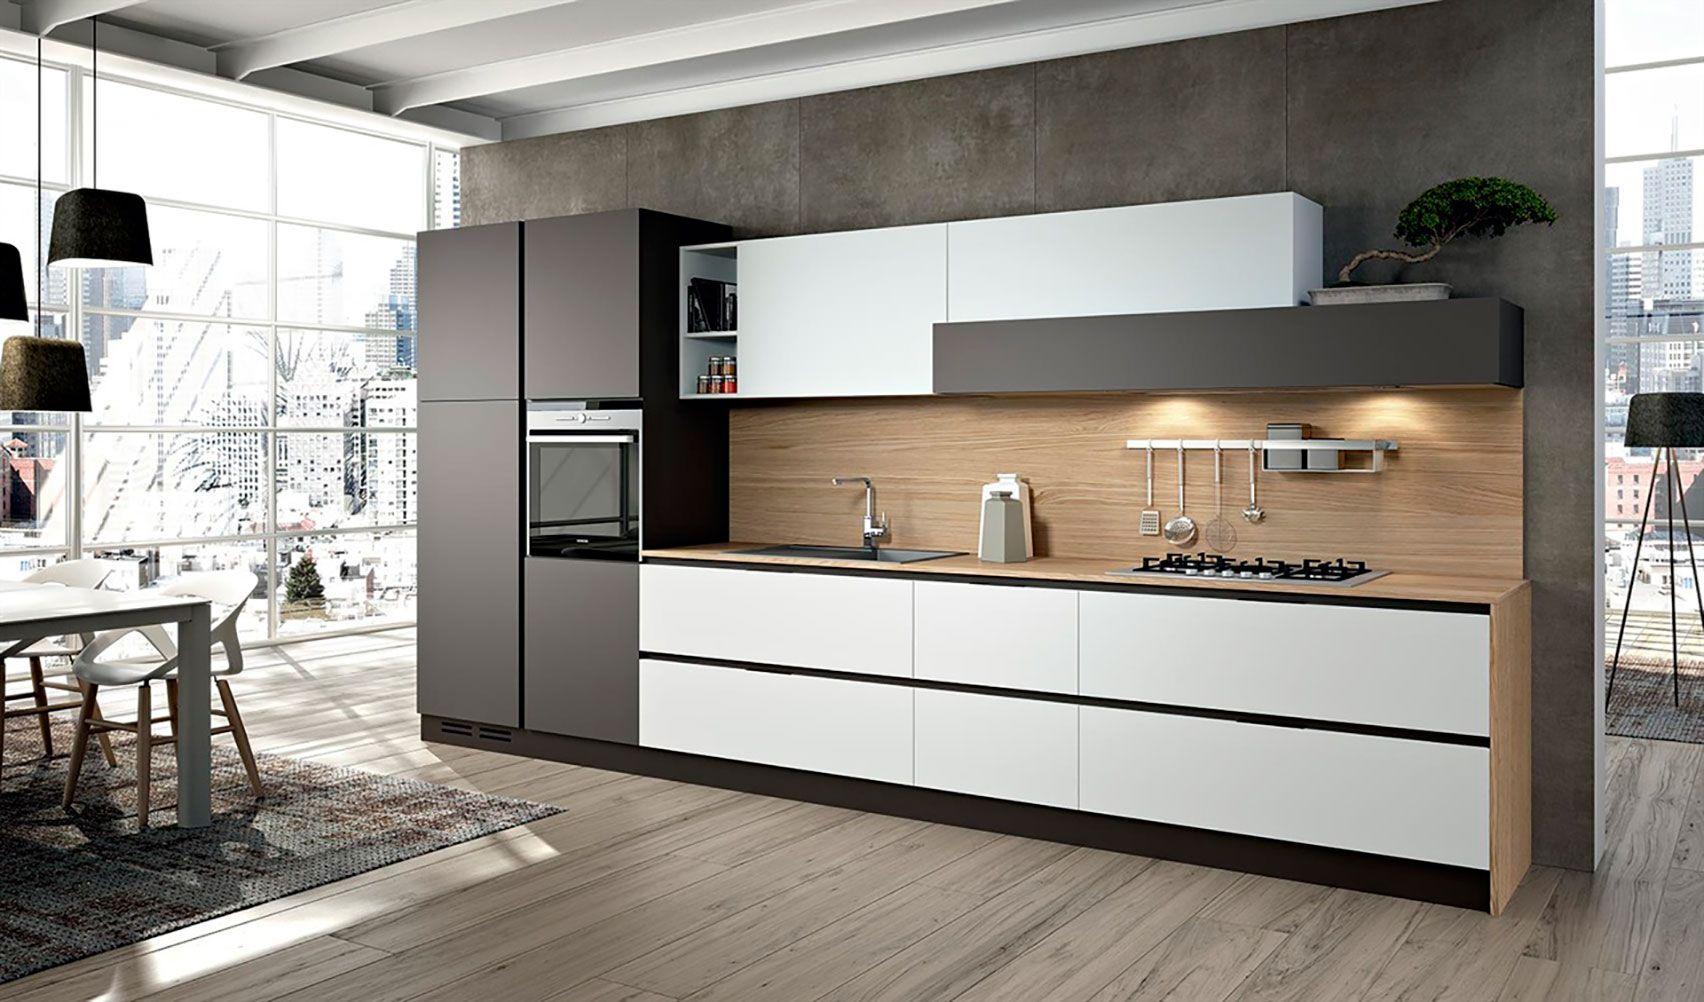 Cocinas modernas buscar con google kitchen cocinas modernas cocinas cocinas peque as - Modelos de cocinas modernas ...